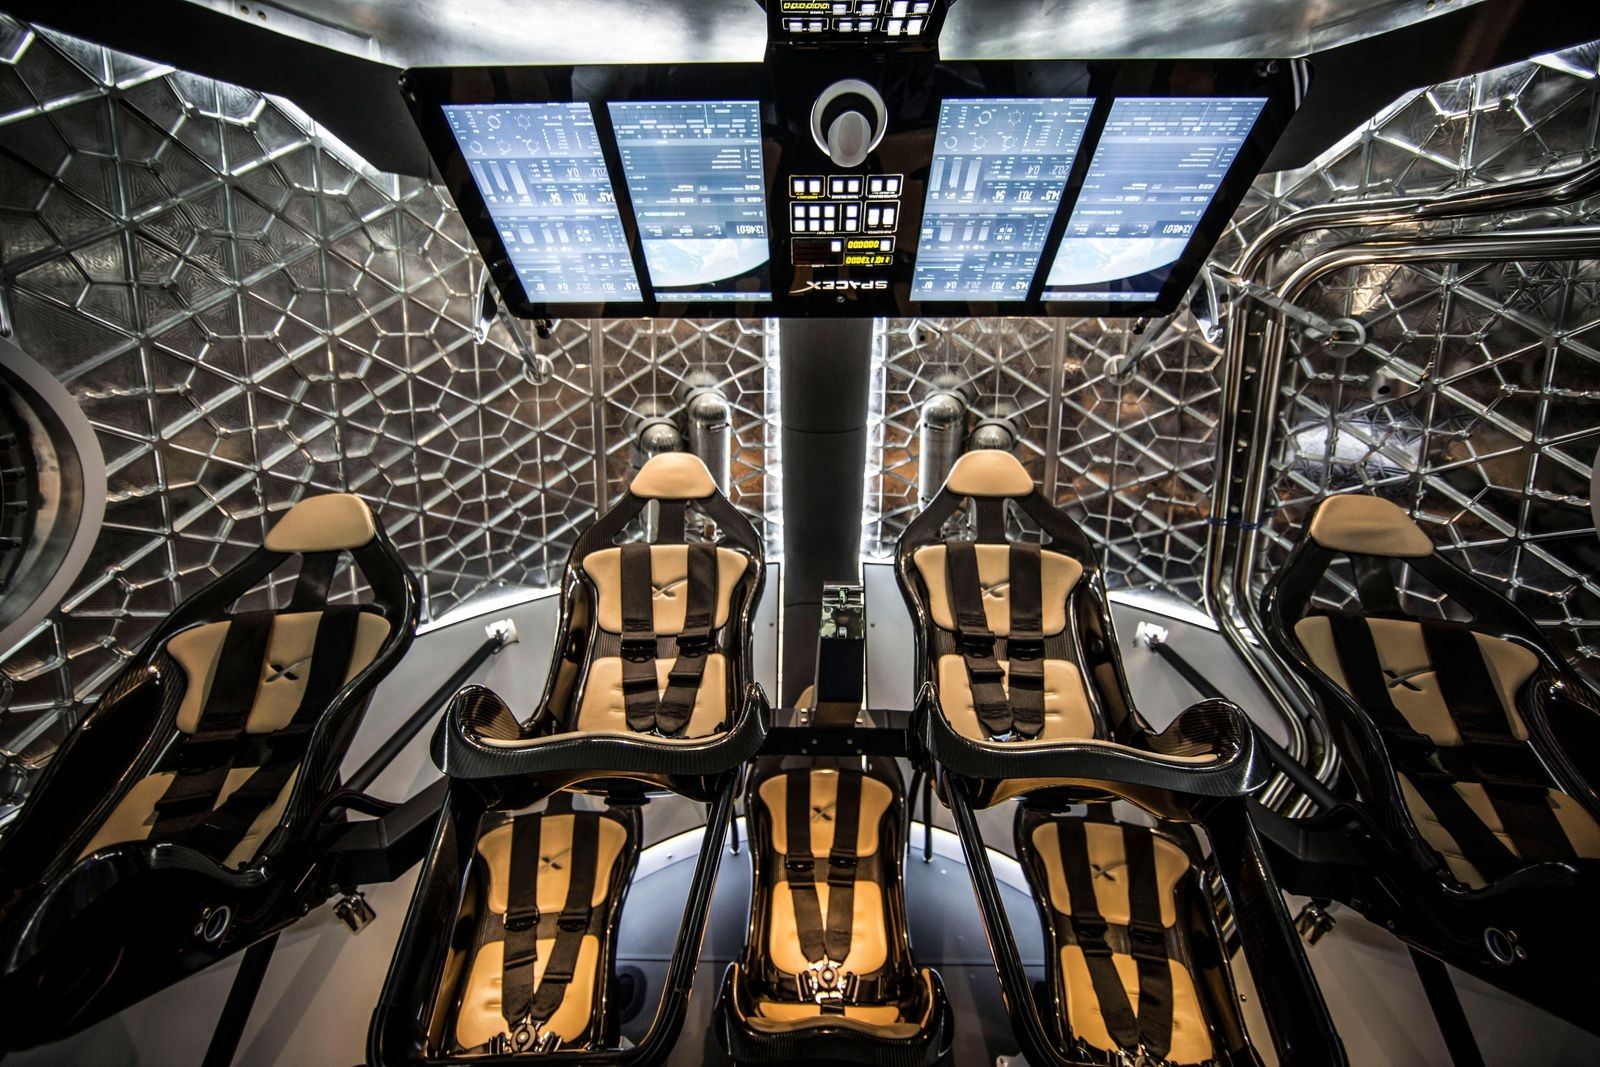 新一次「太空熱」,SpaceX 能否影響當下和未來的潮流時尚?